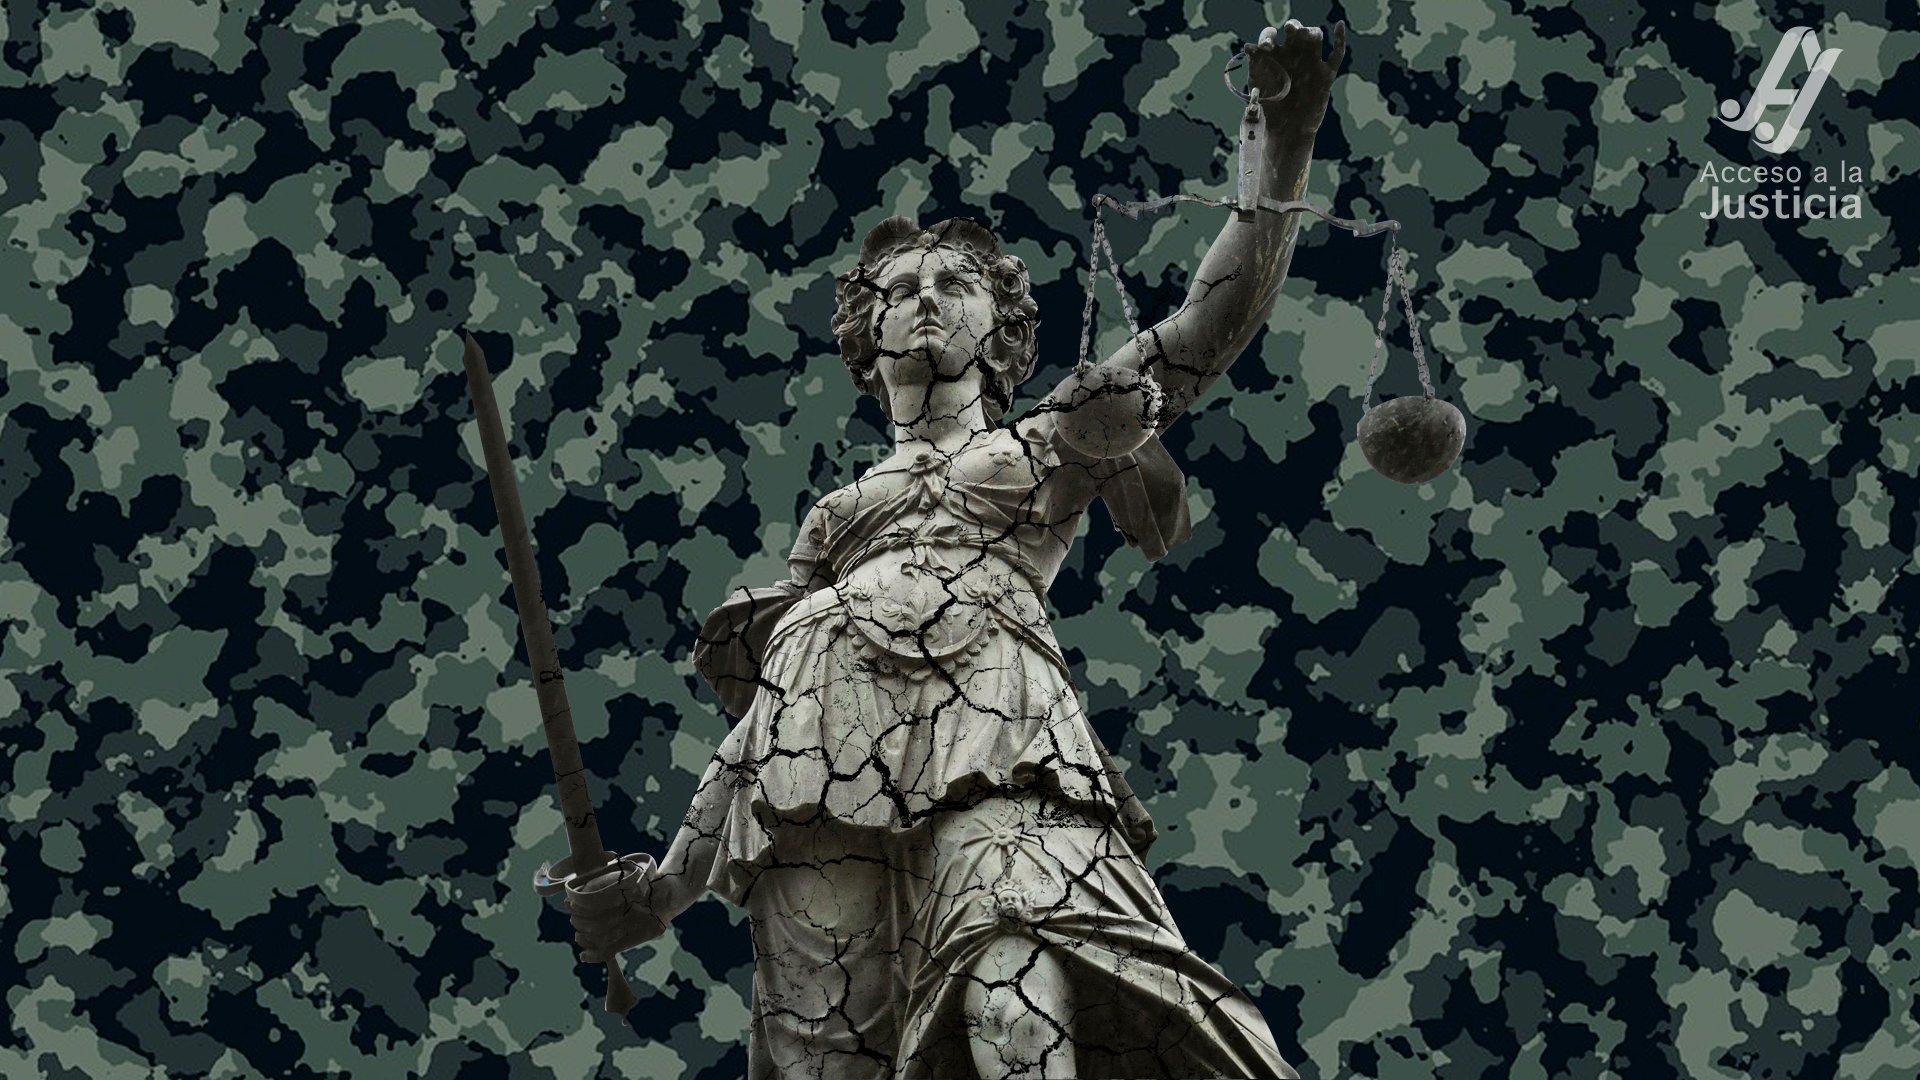 Sala de Casación Penal reafirma que la jurisdicción militar no se le debe aplicar a civiles